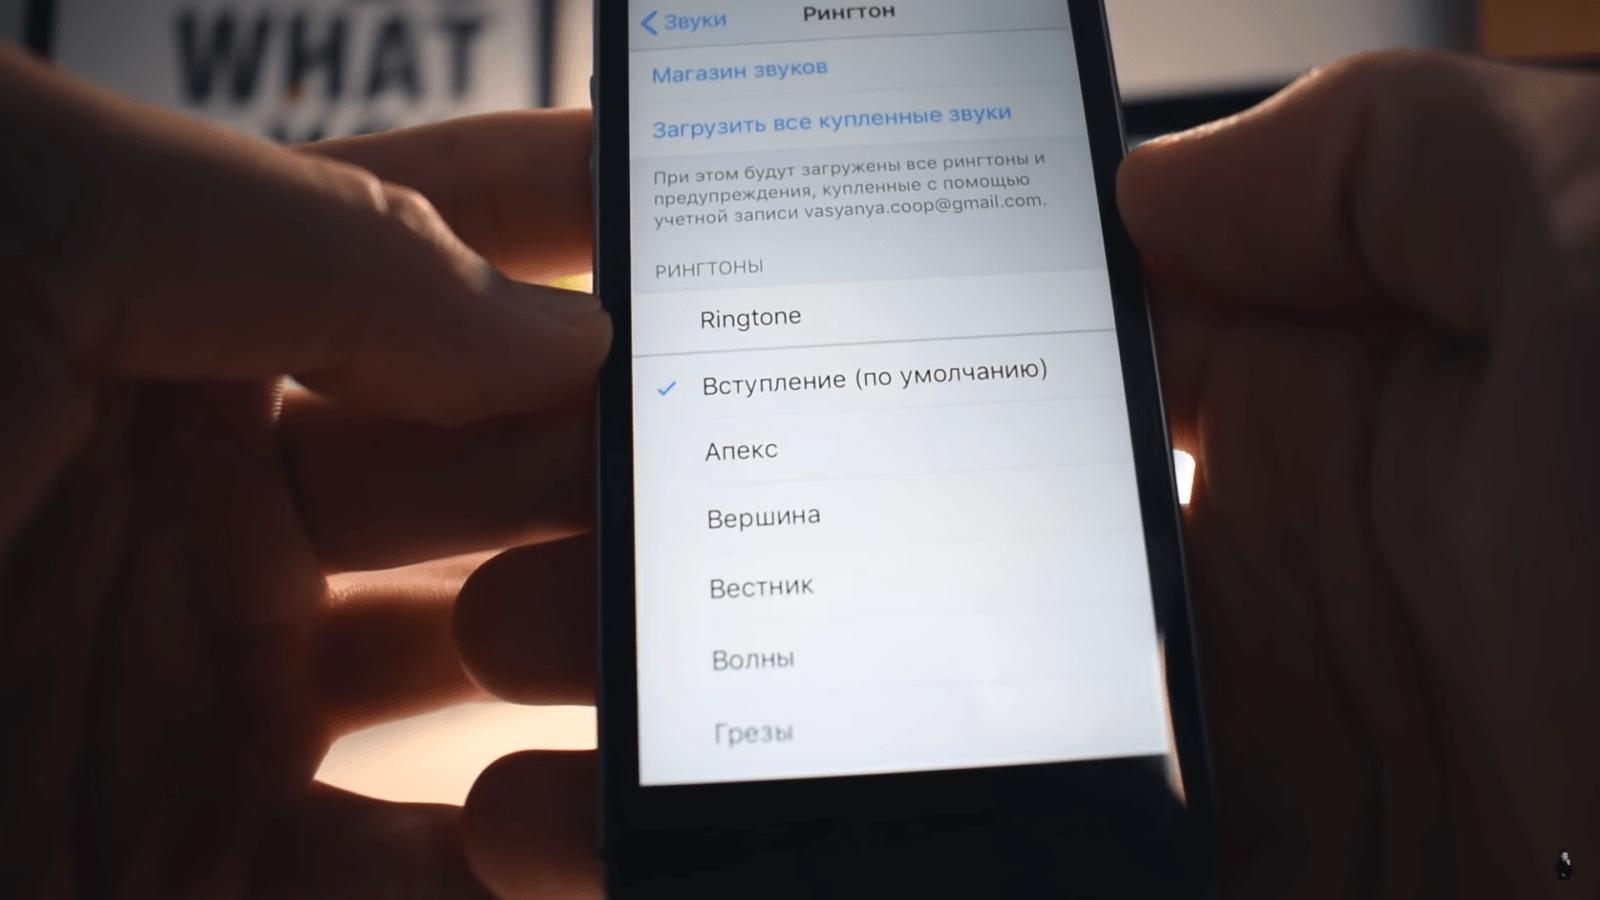 Как поставить песню на звонок Айфон — Все способы и пошаговые инструкции